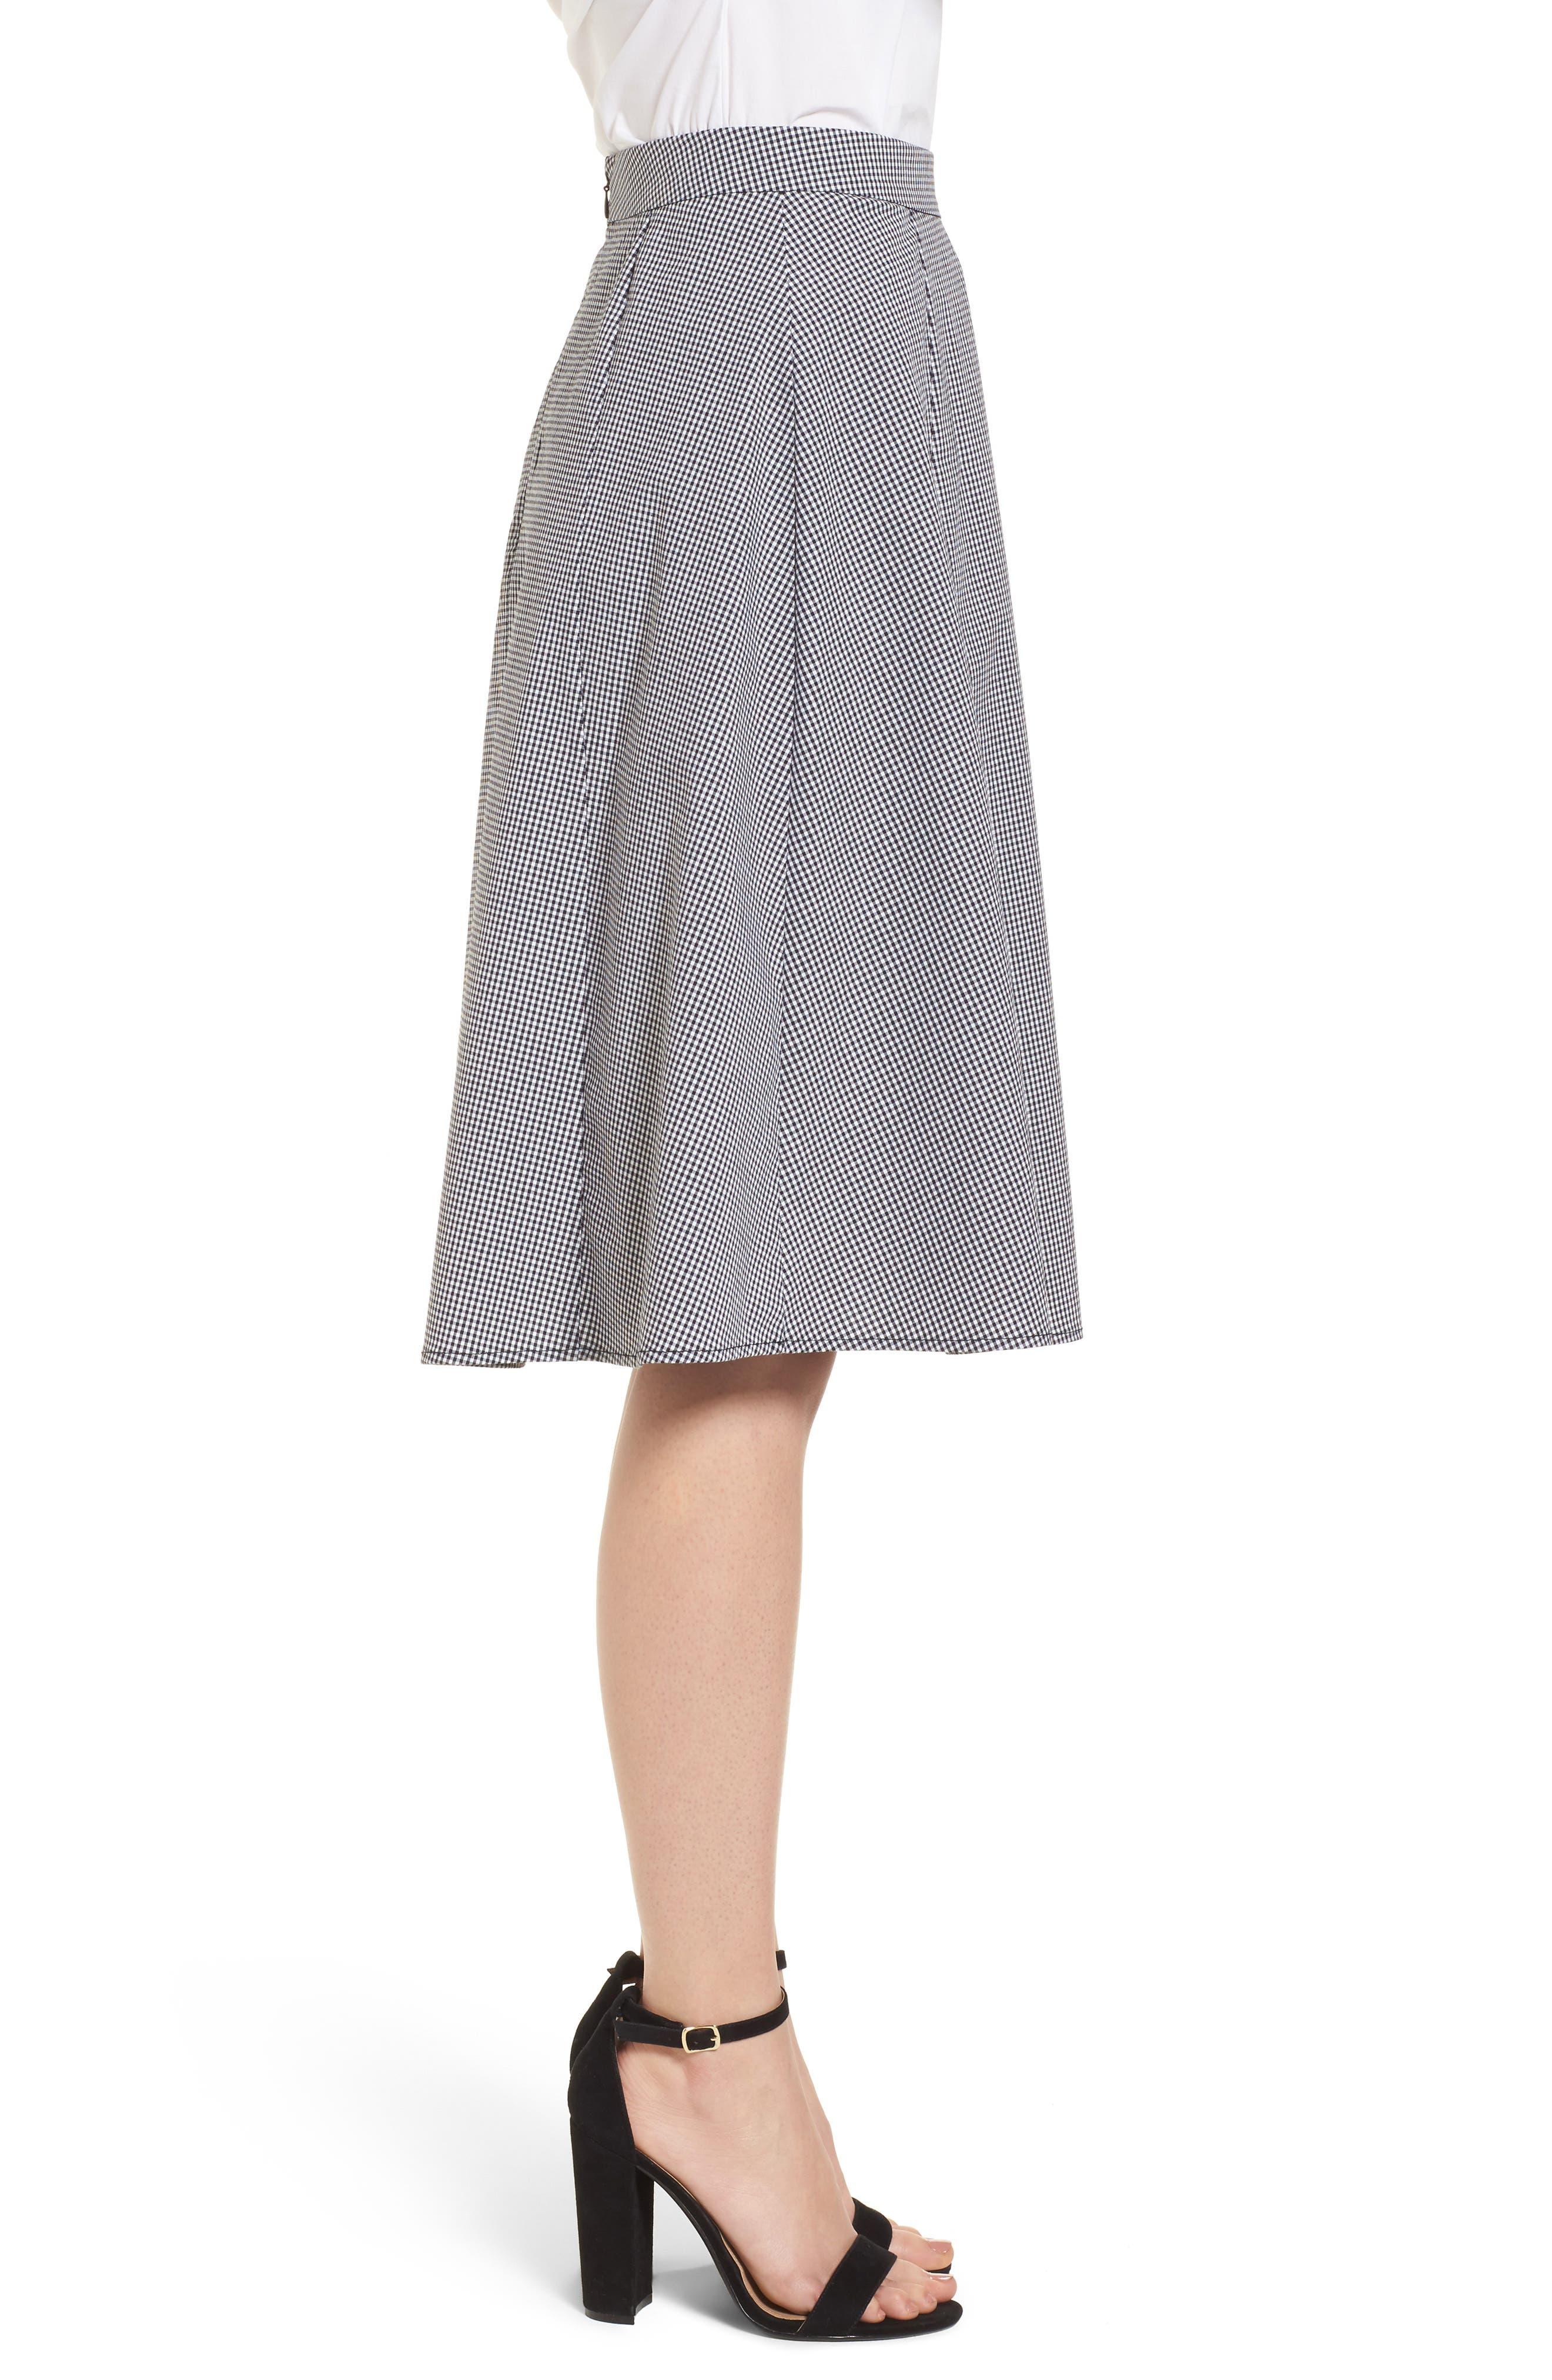 Gingham A-Line Skirt,                             Alternate thumbnail 3, color,                             Black/ White